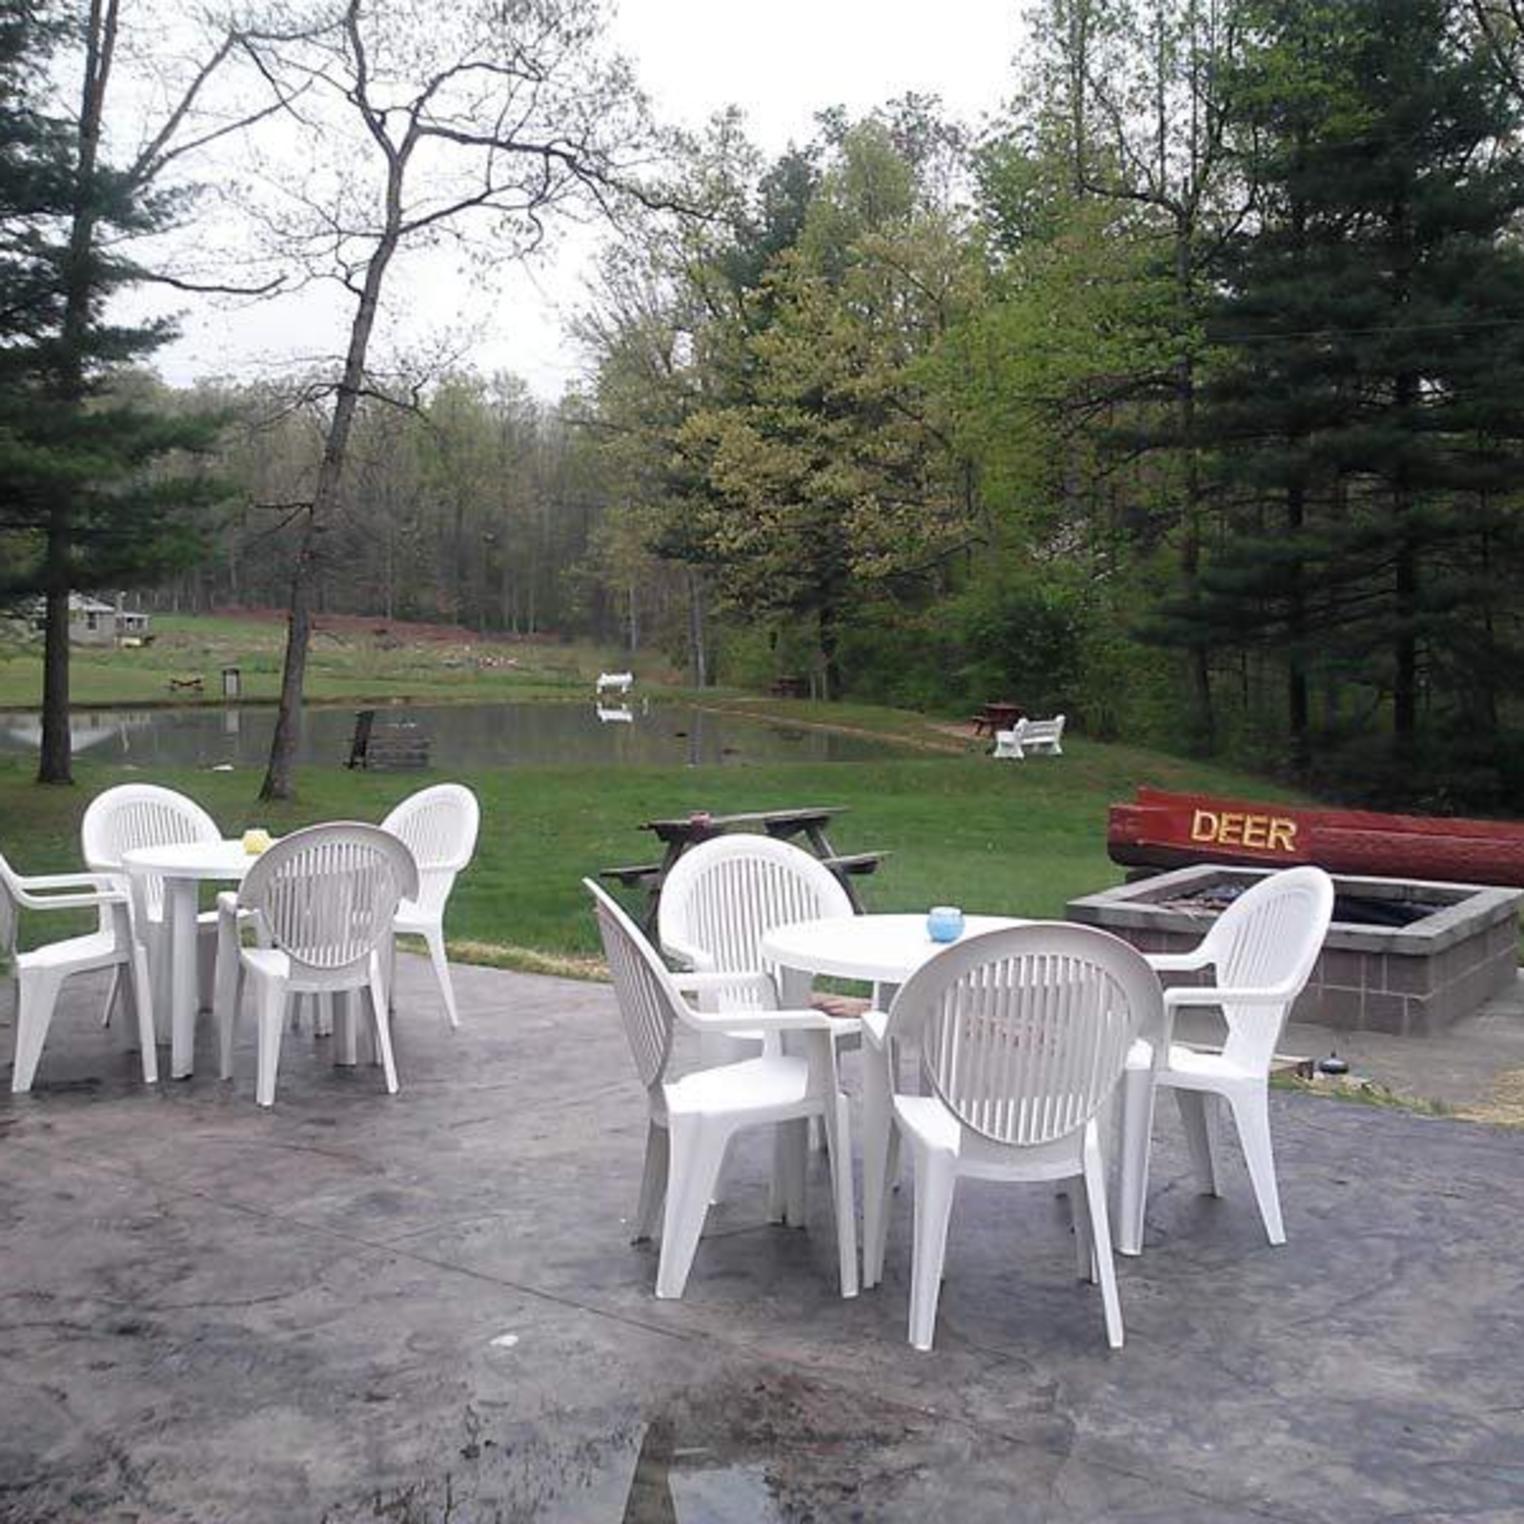 Deer Run Camping Resort